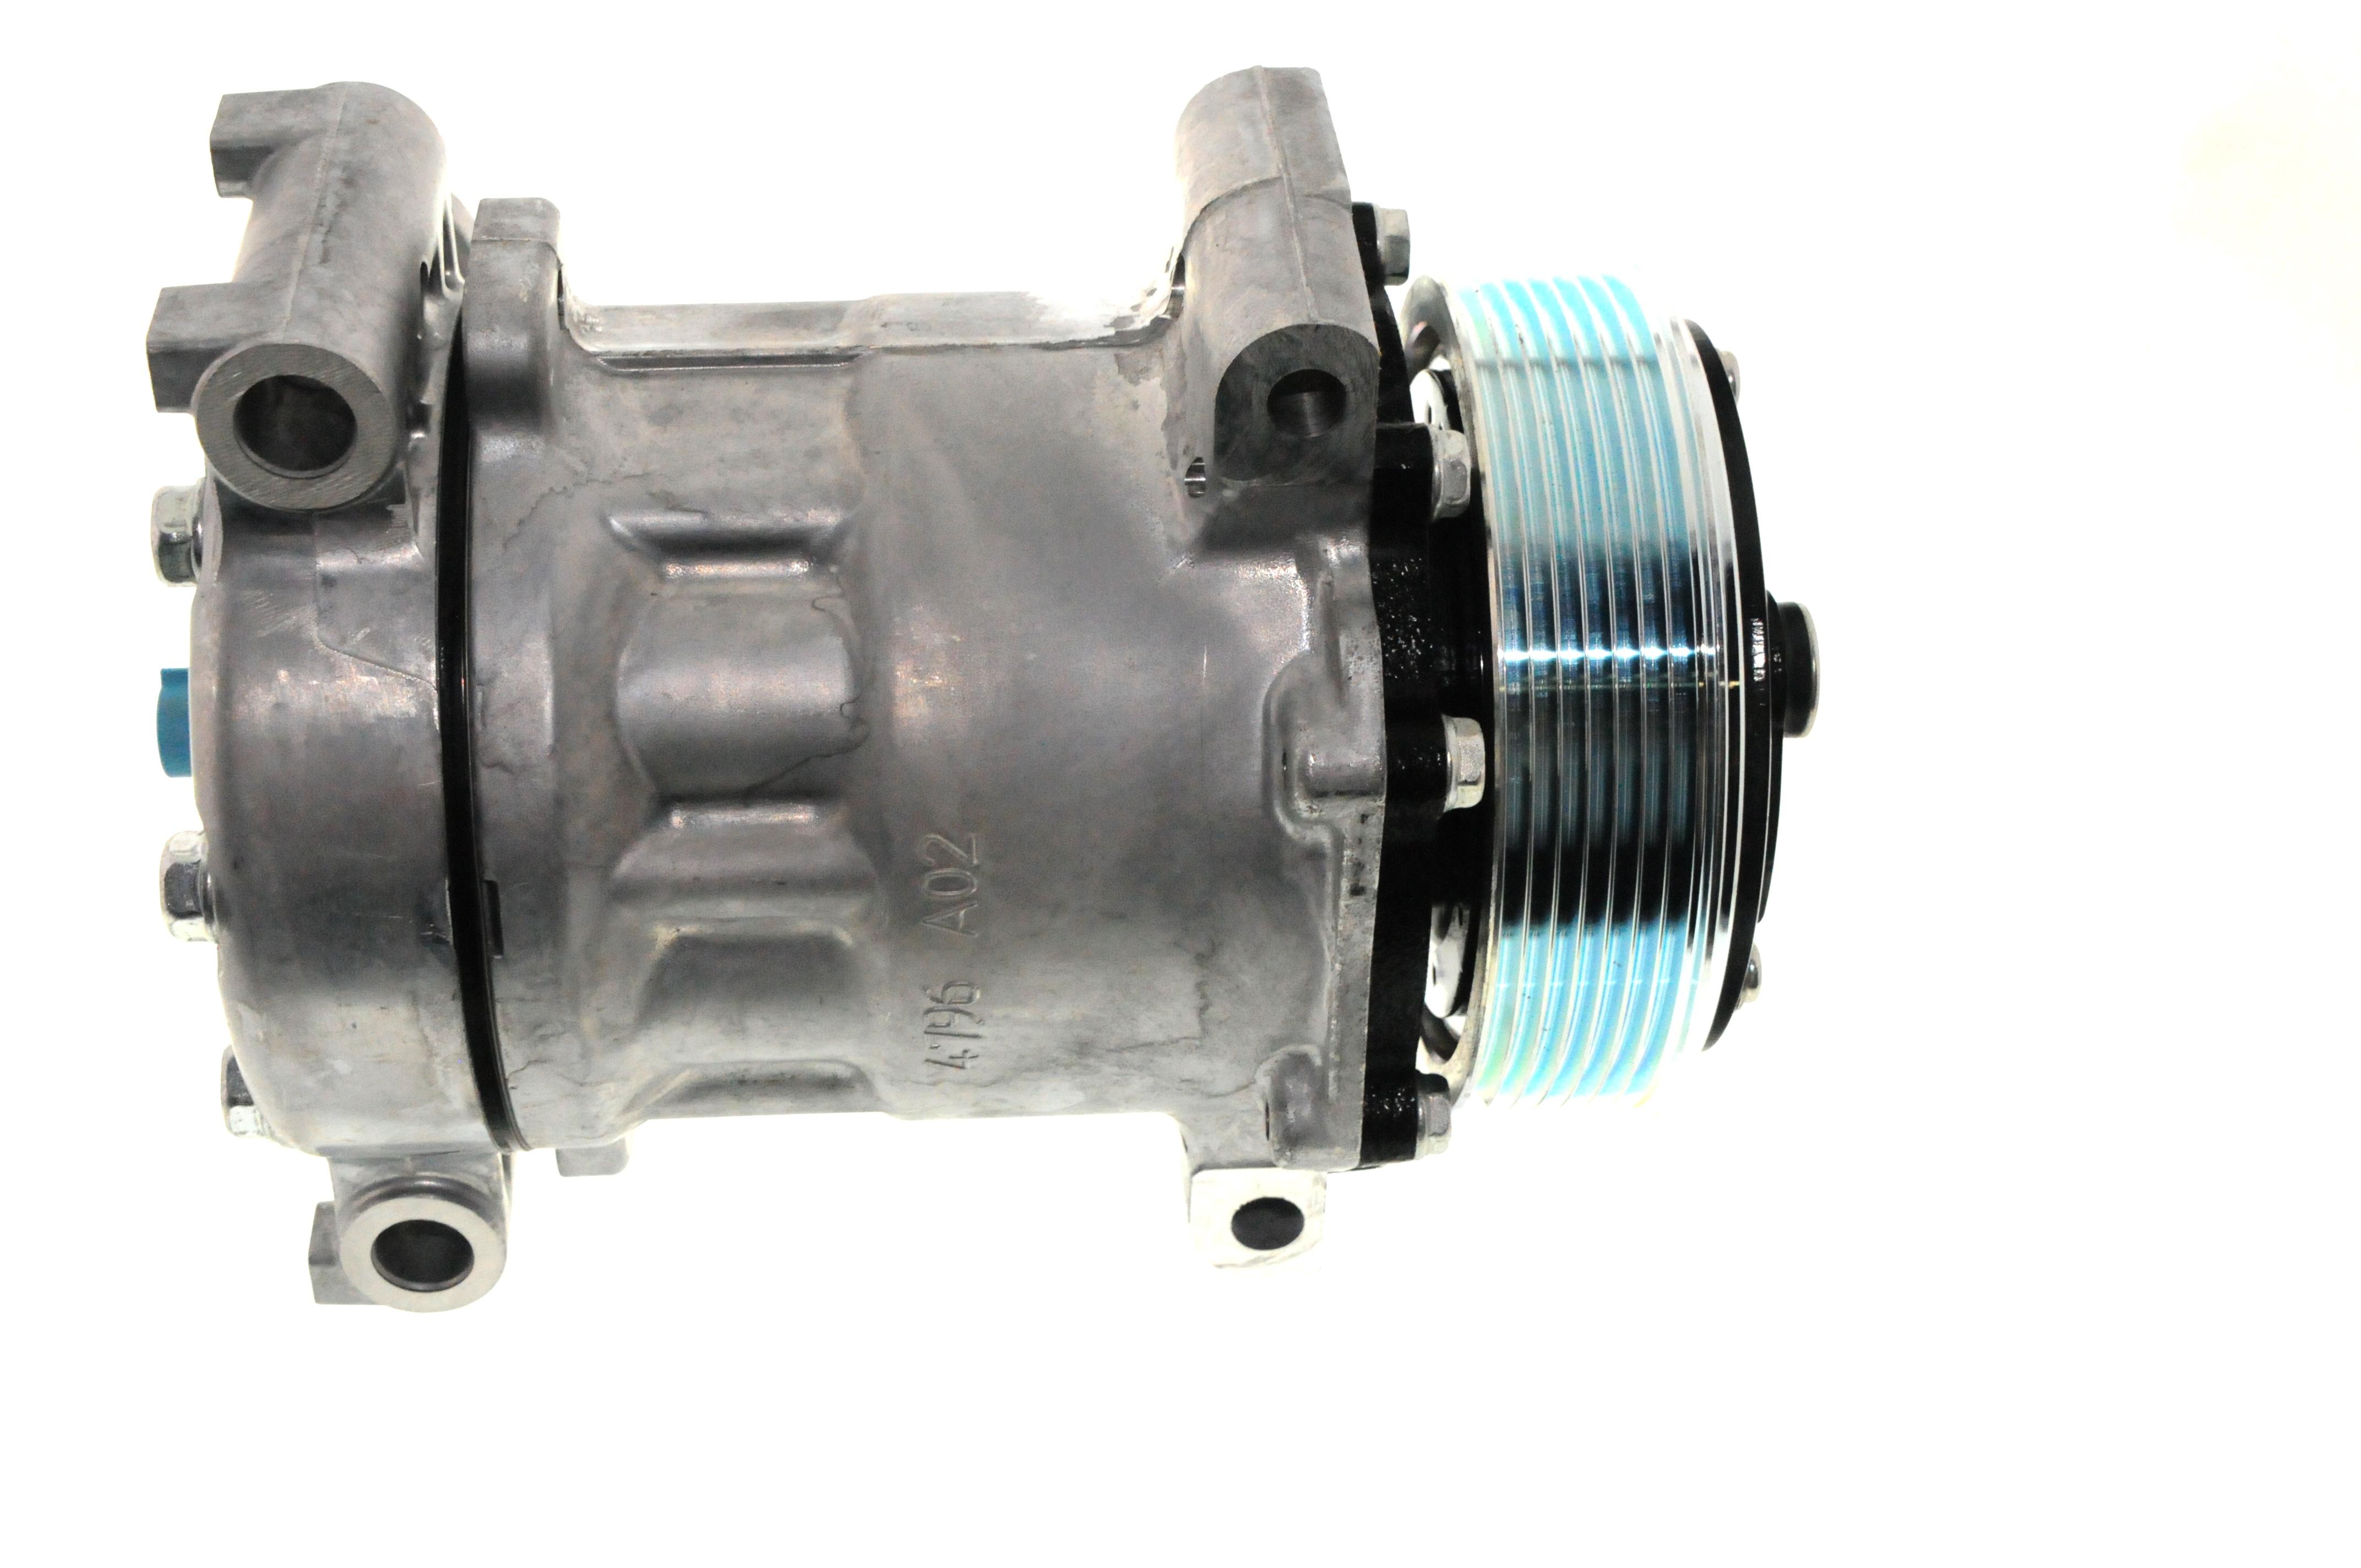 ACDELCO GM ORIGINAL EQUIPMENT - A/C Compressor - DCB 15-21535